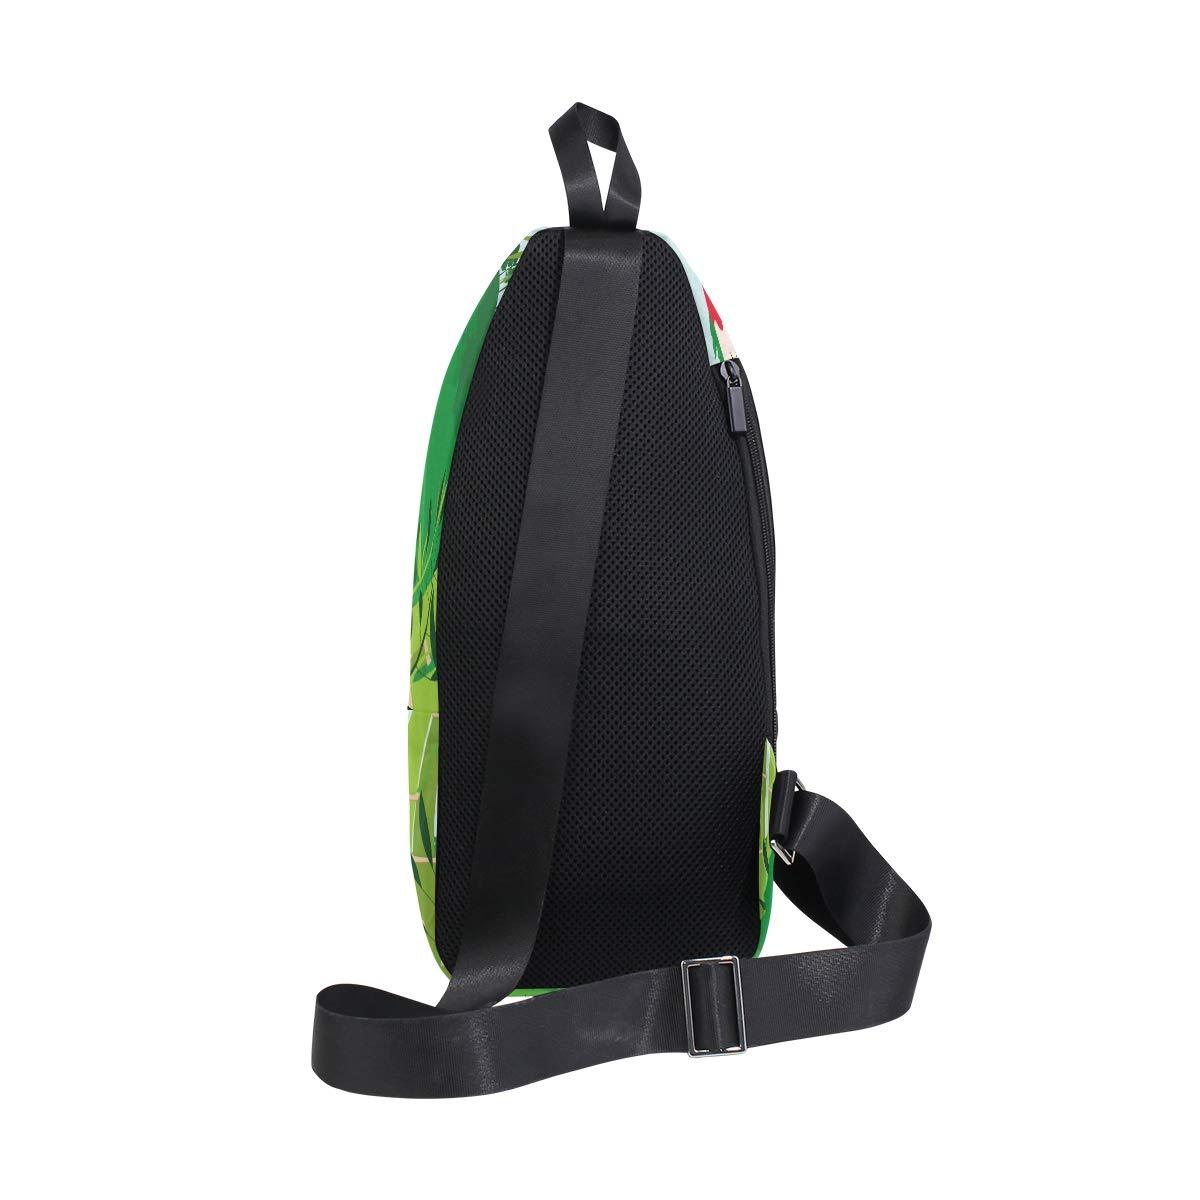 TFONE Forest Cute Animal Parrot Crossbody Bag Lightweight Chest Shoulder Messenger Pack Backpack Sling Bag